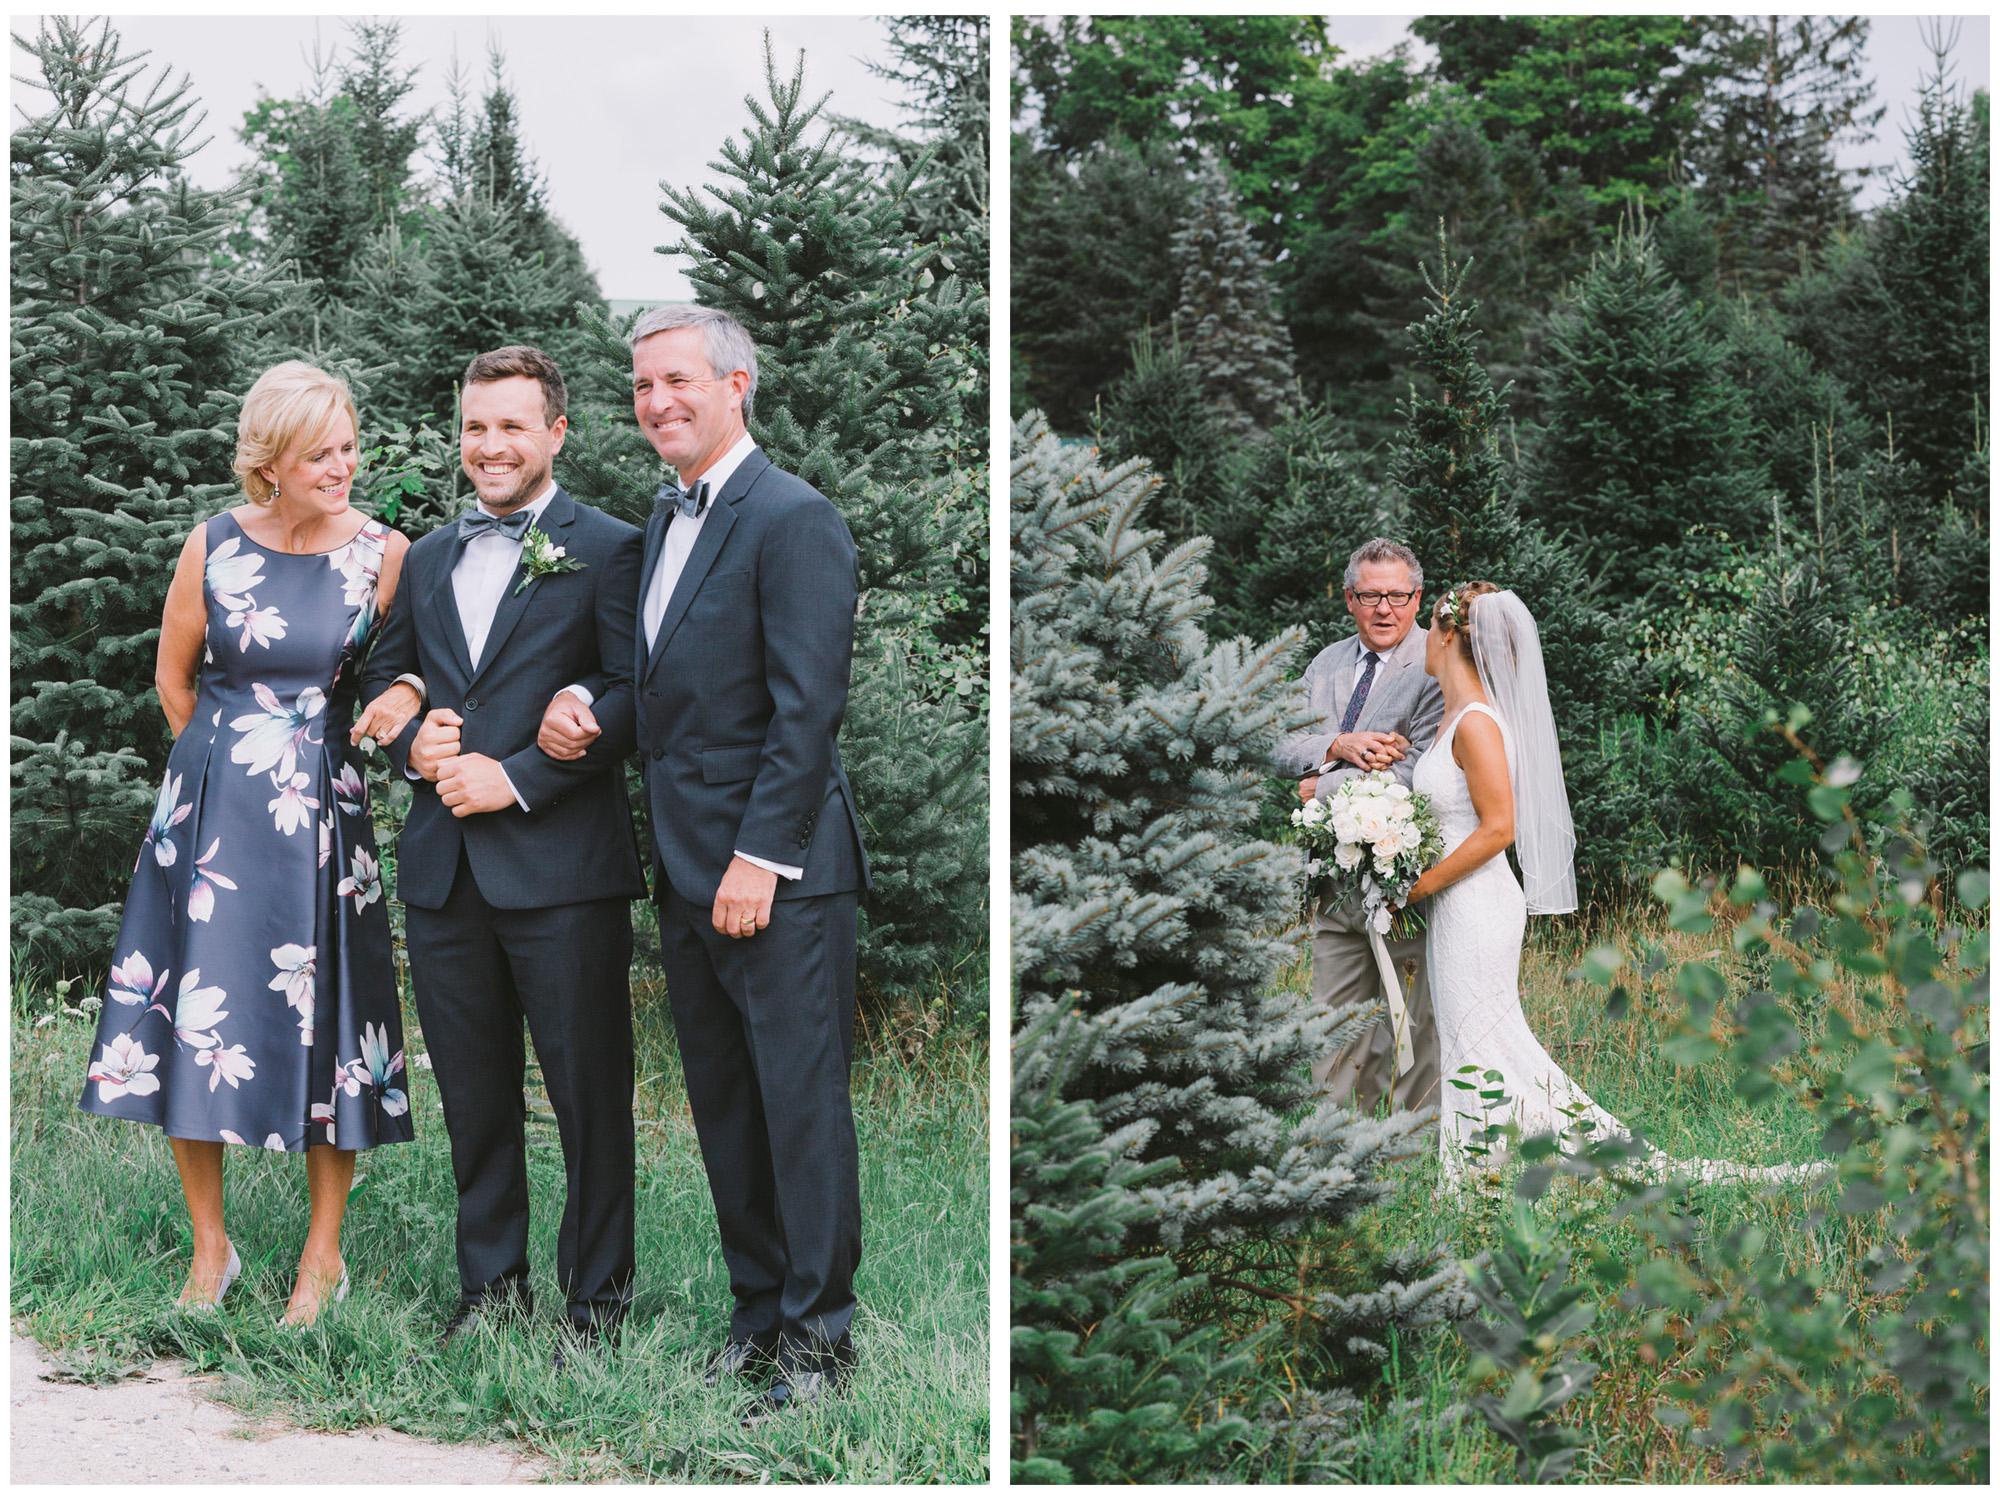 Wedding Ceremony at Drysdale's Tree Farm